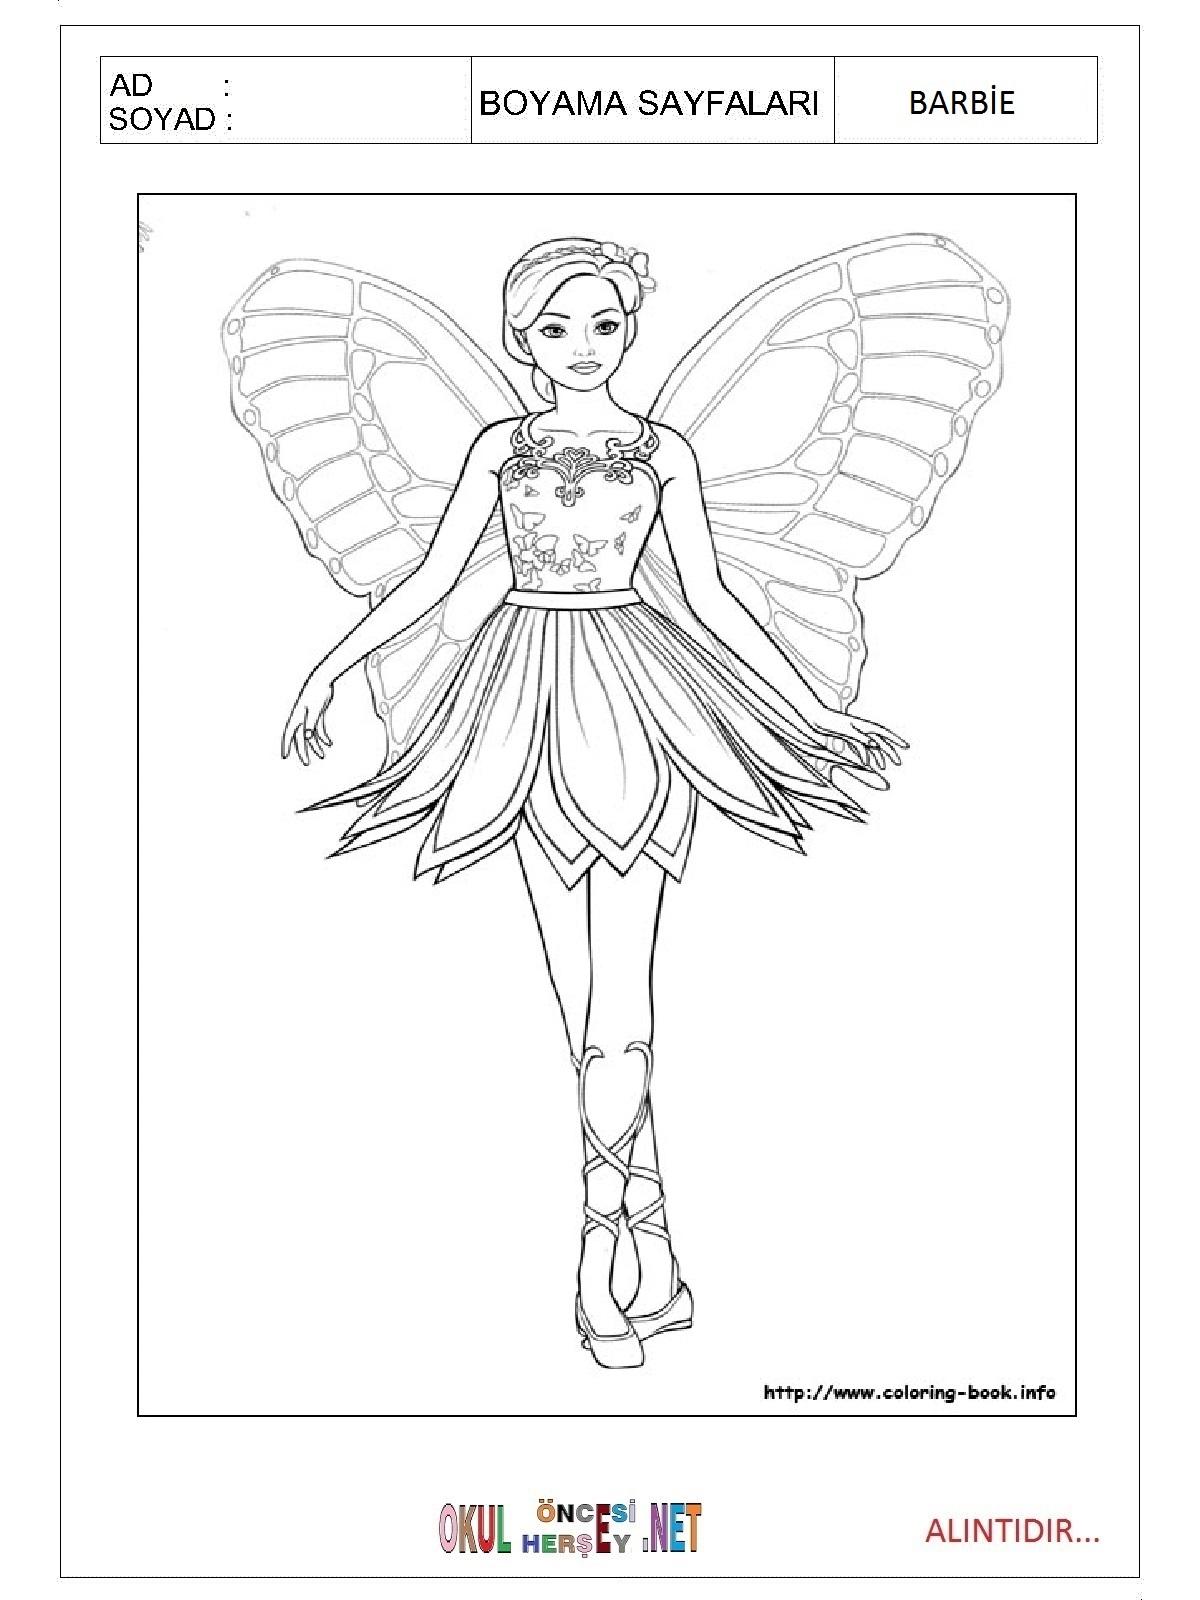 Barbie Boyama Sayfaları